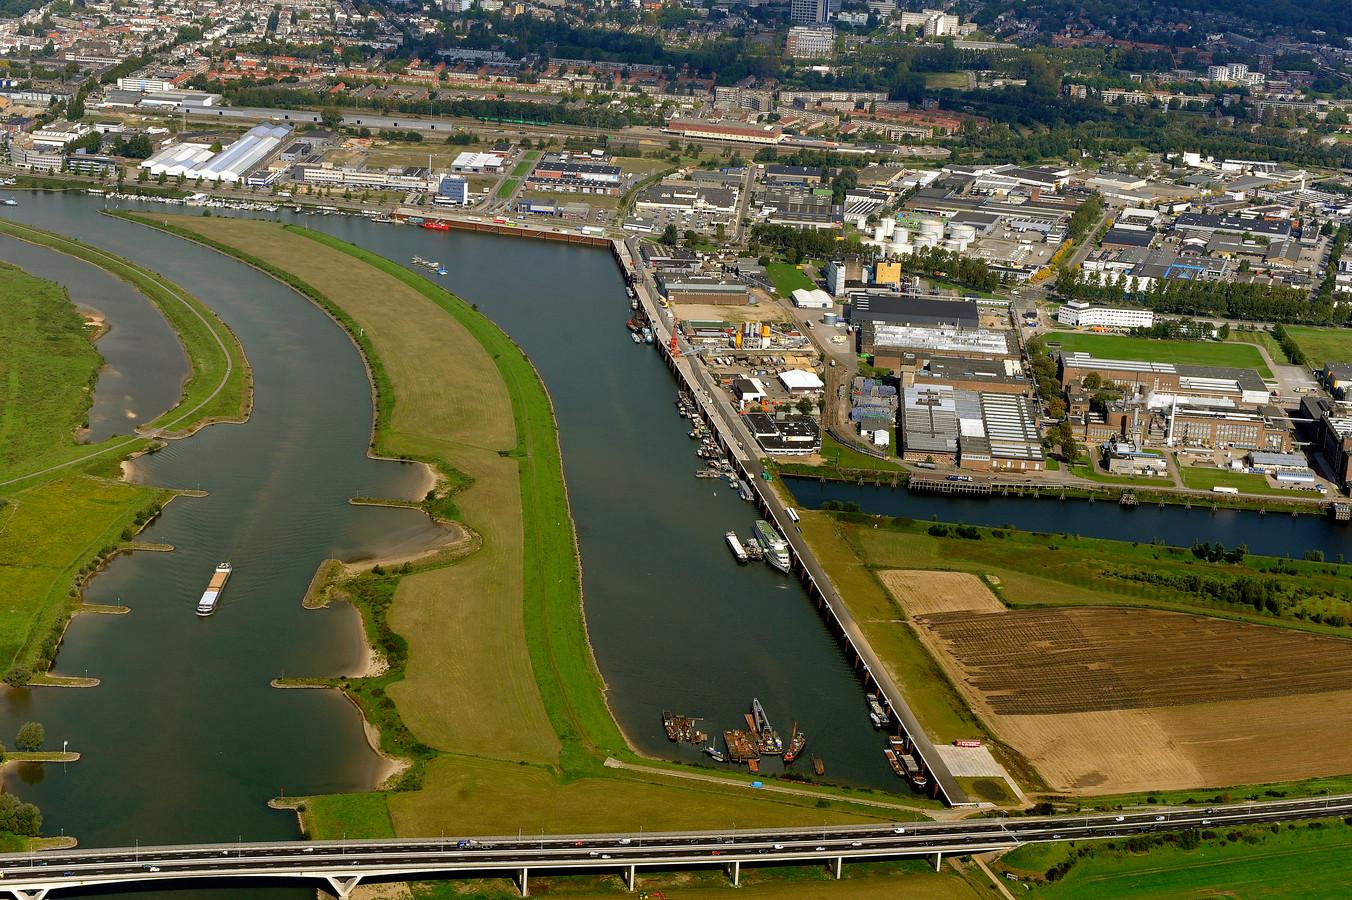 De biomassacentrale op IPKW in Arnhem.